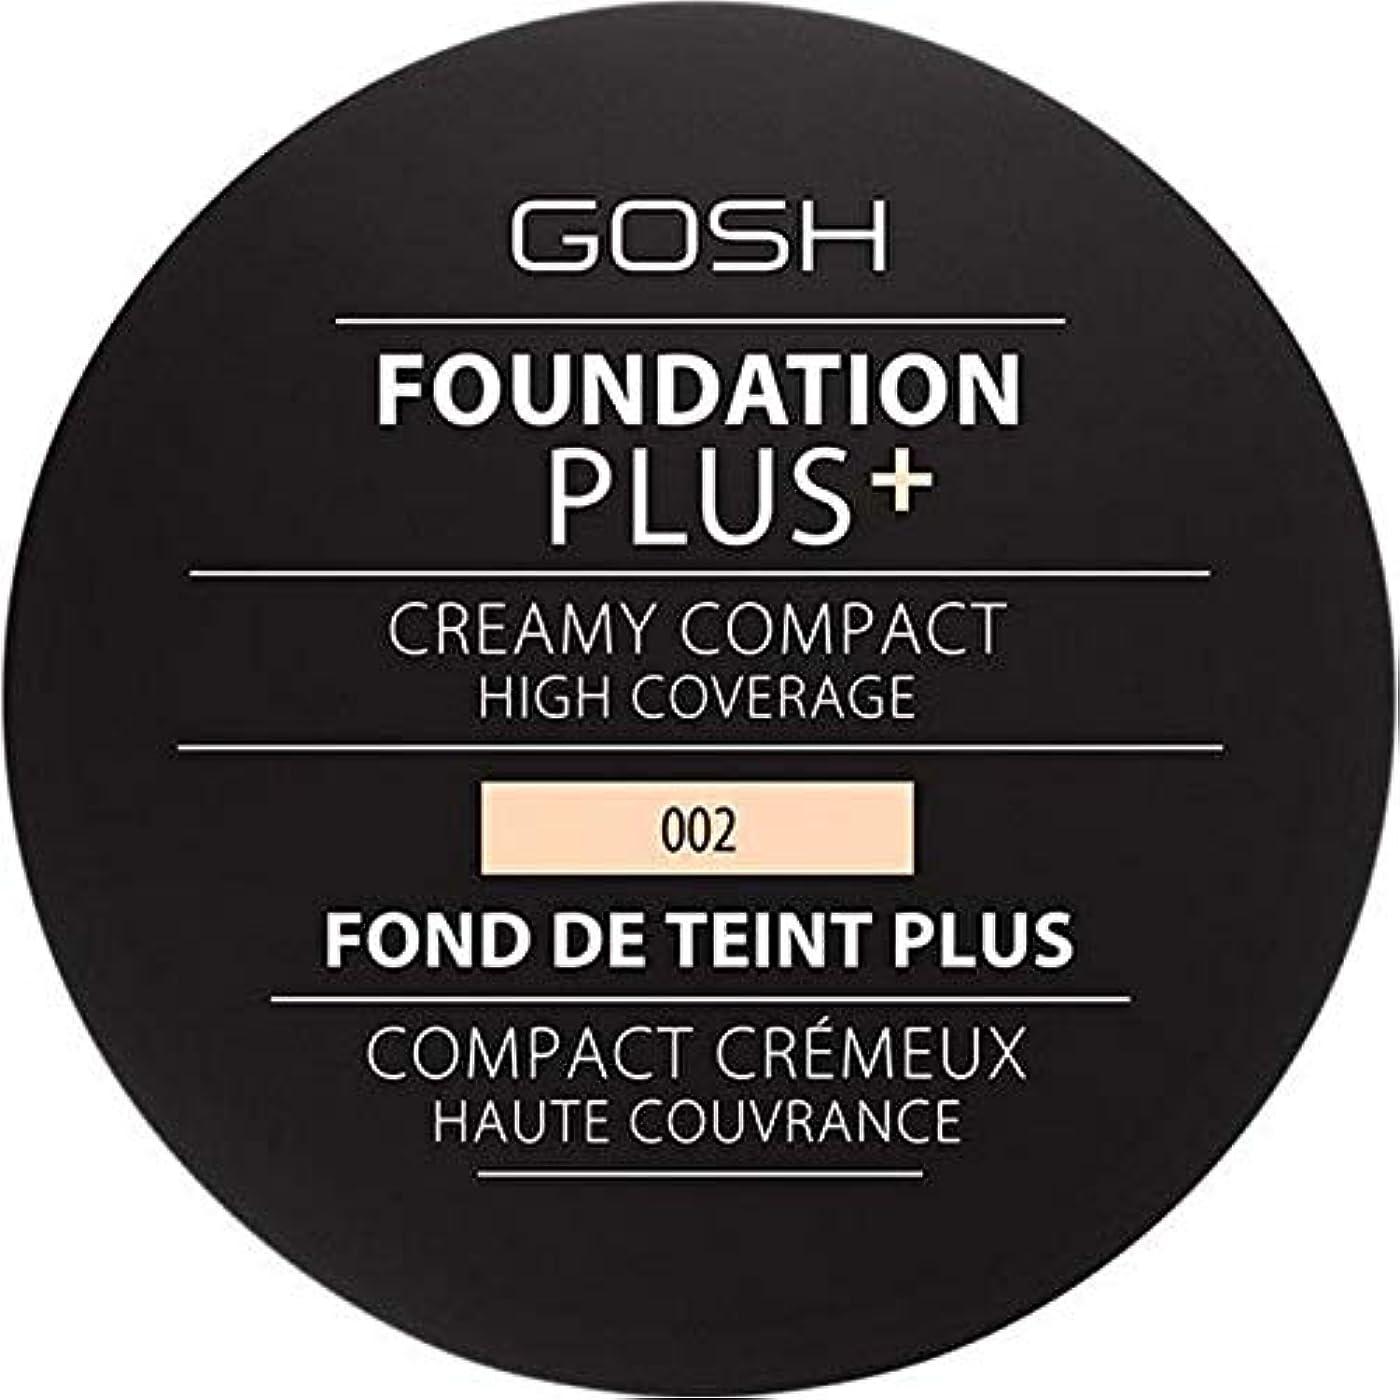 一般アミューズメント減衰[GOSH ] 基礎プラス+クリーミーコンパクトアイボリー002 - Foundation Plus+ Creamy Compact Ivory 002 [並行輸入品]